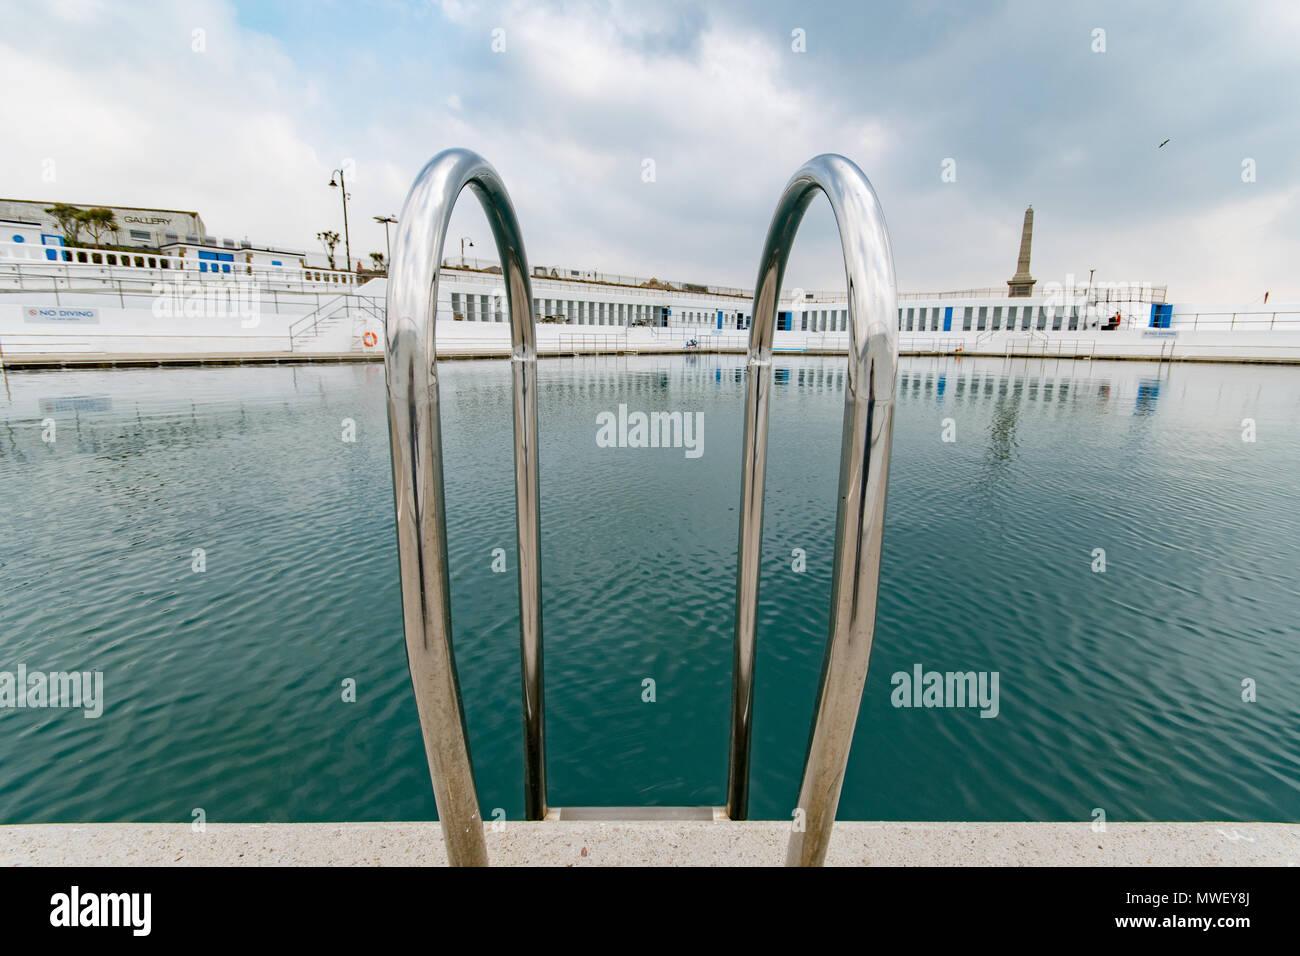 Penzance outdoor pool giubilare come visto da dietro le fasi lucido Immagini Stock